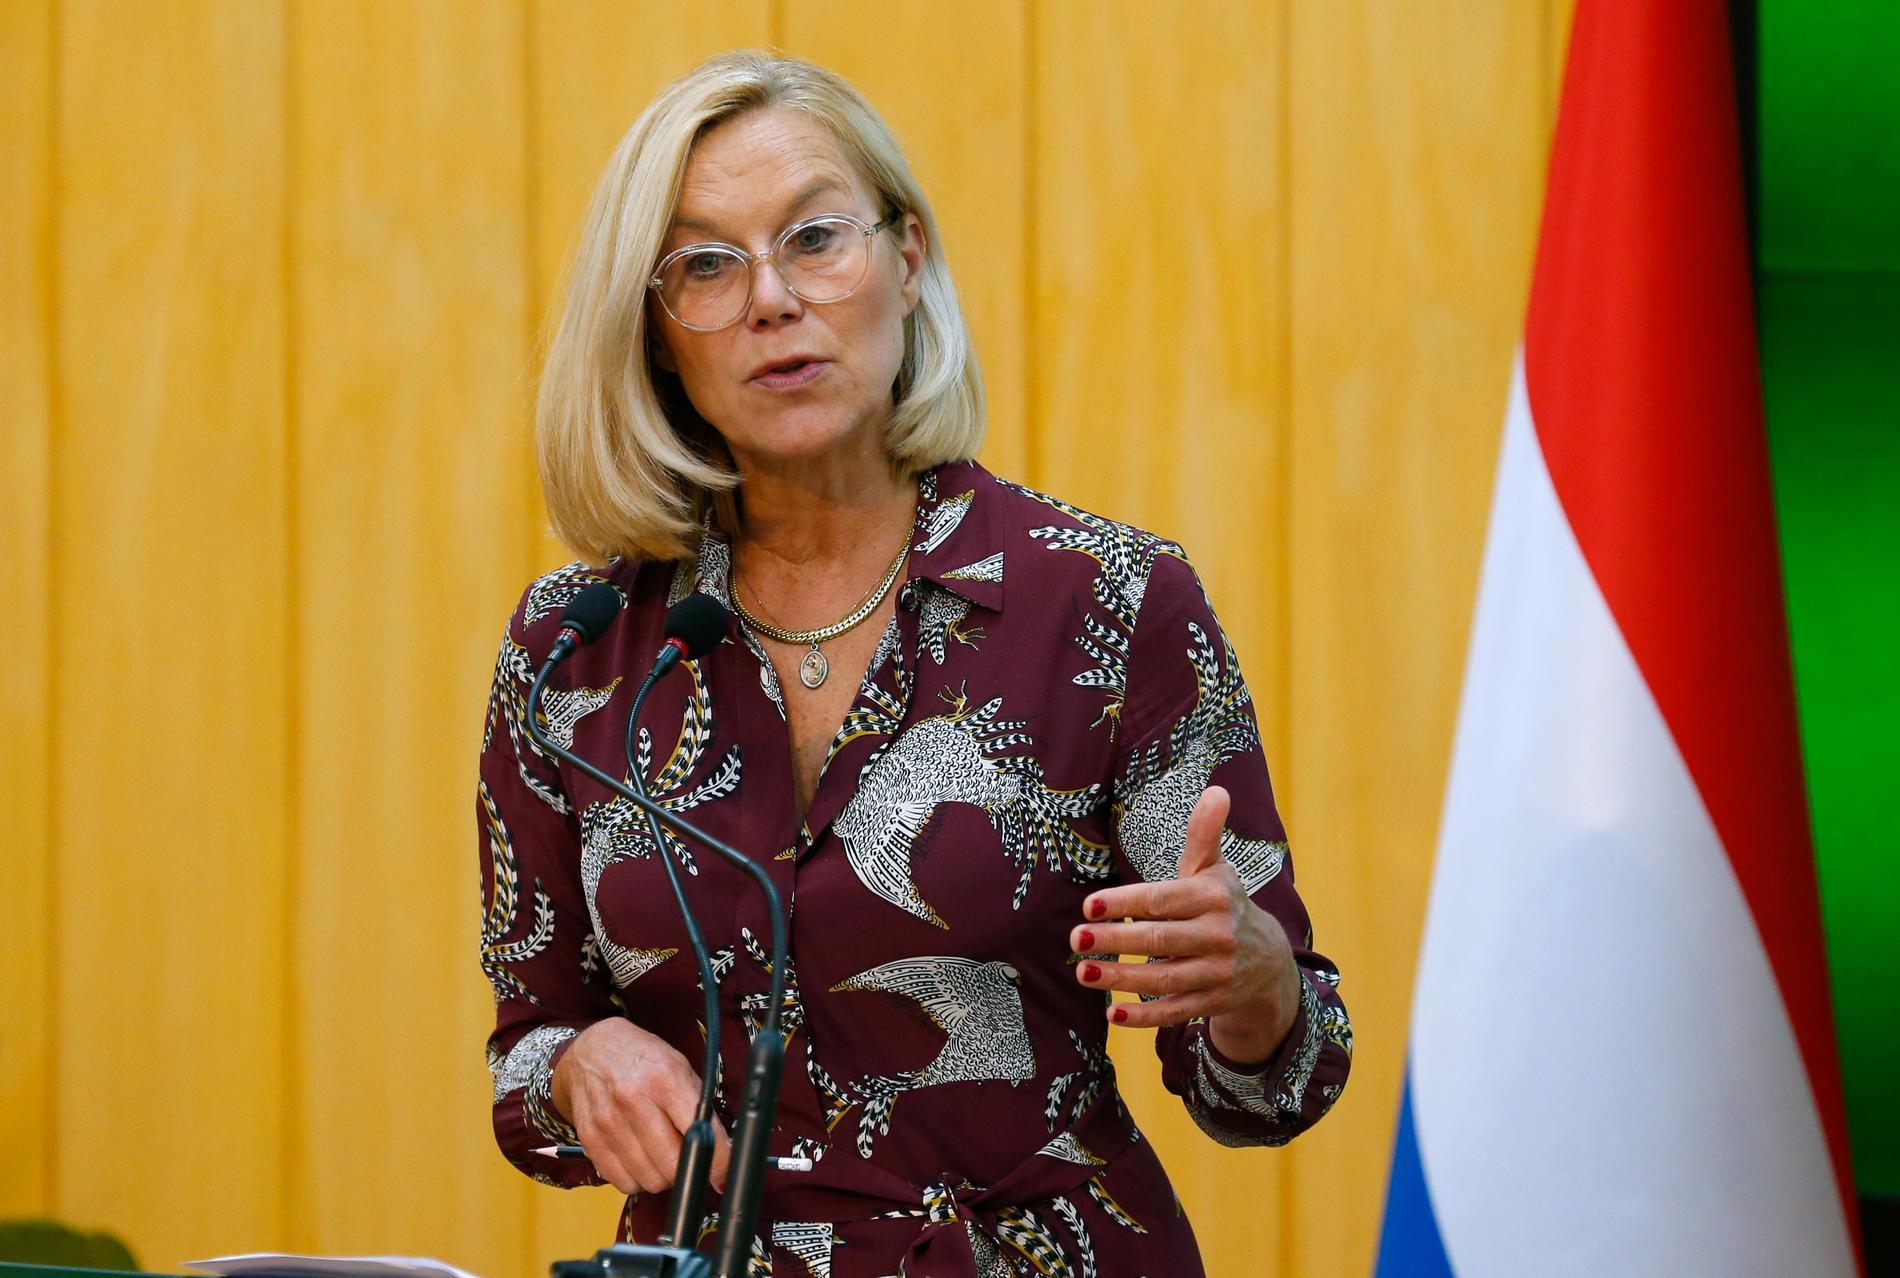 Nederländernas utrikesminister Sigrid Kaag tvingades avgå på torsdagen. En majoritet i parlamentet anser att hon misskötte evakueringen från Afghanistan förra månaden. Arkivbild.